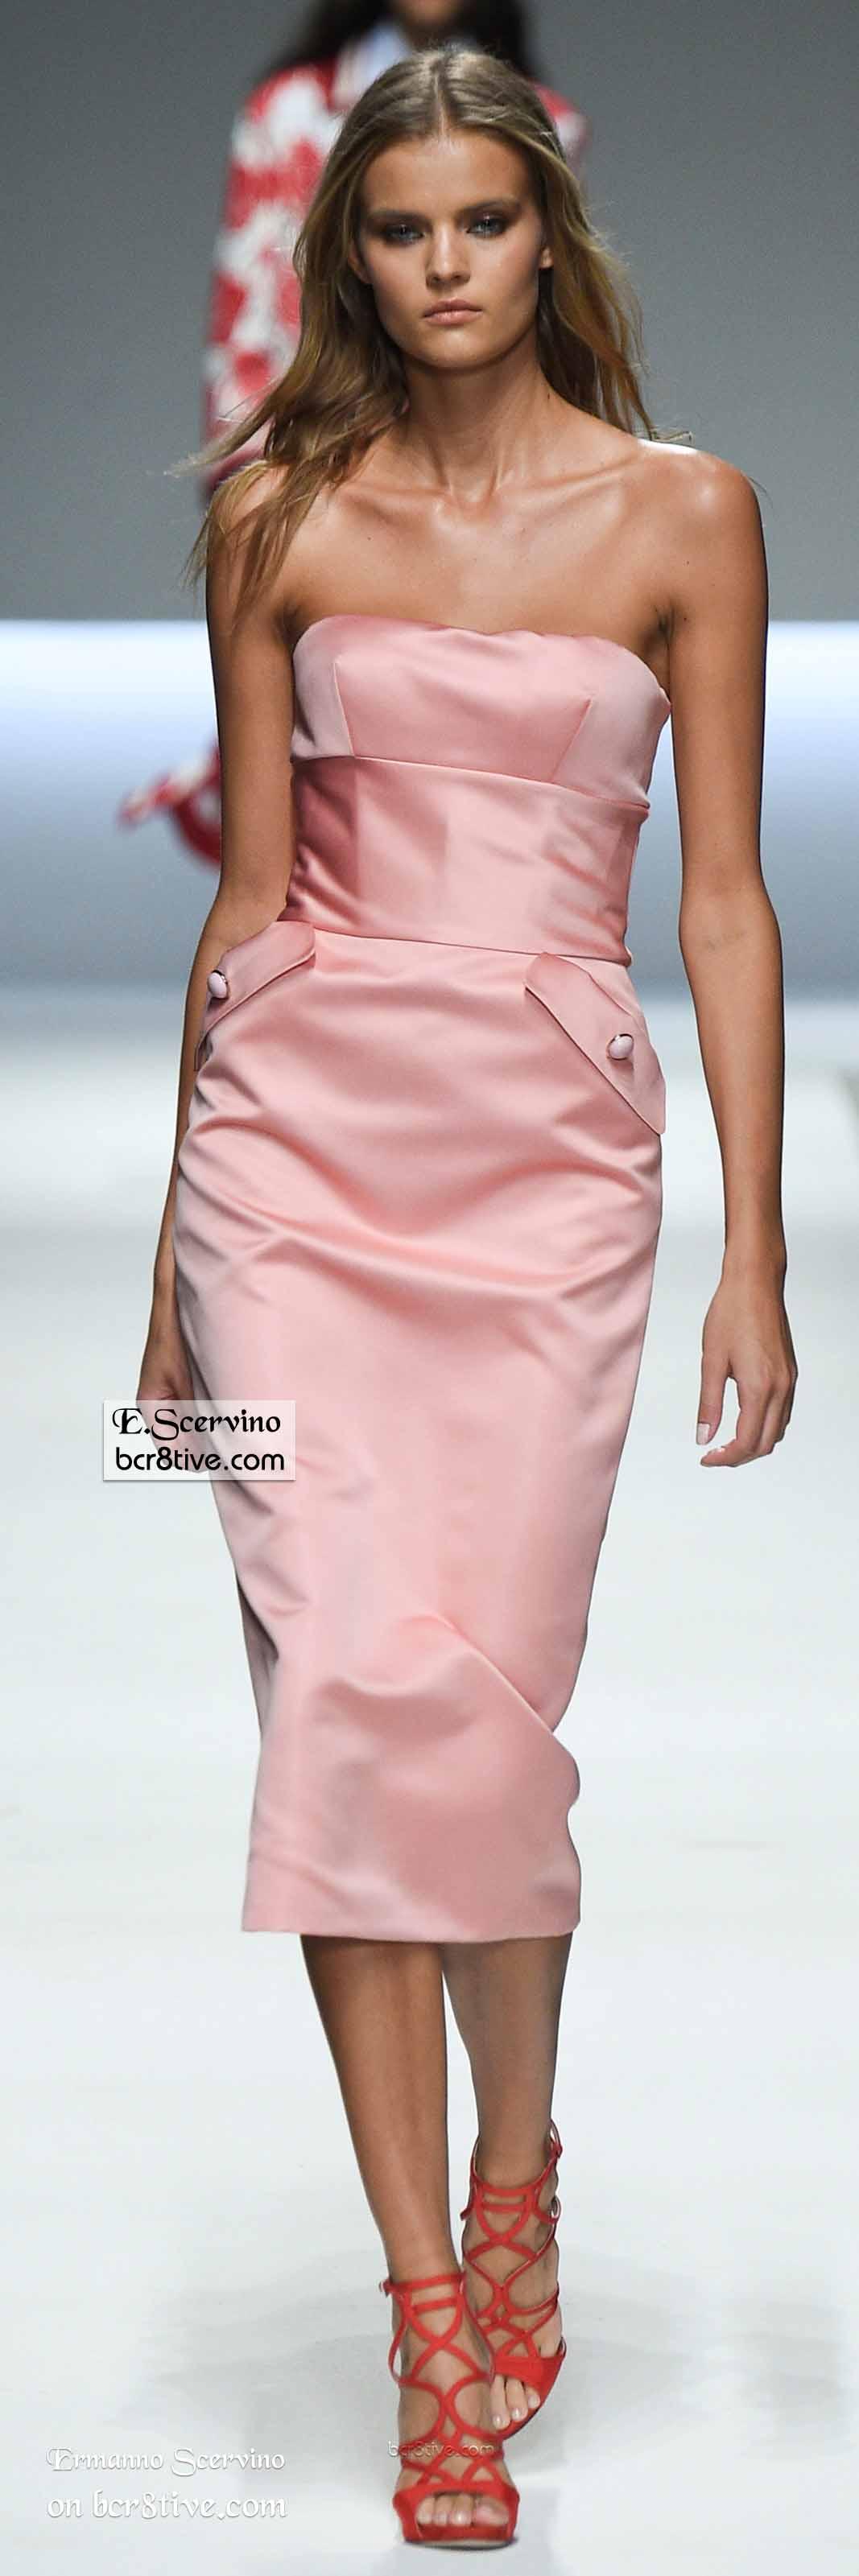 Asombroso Vestidos De Fiesta Rubor 2013 Modelo - Ideas de Estilos de ...